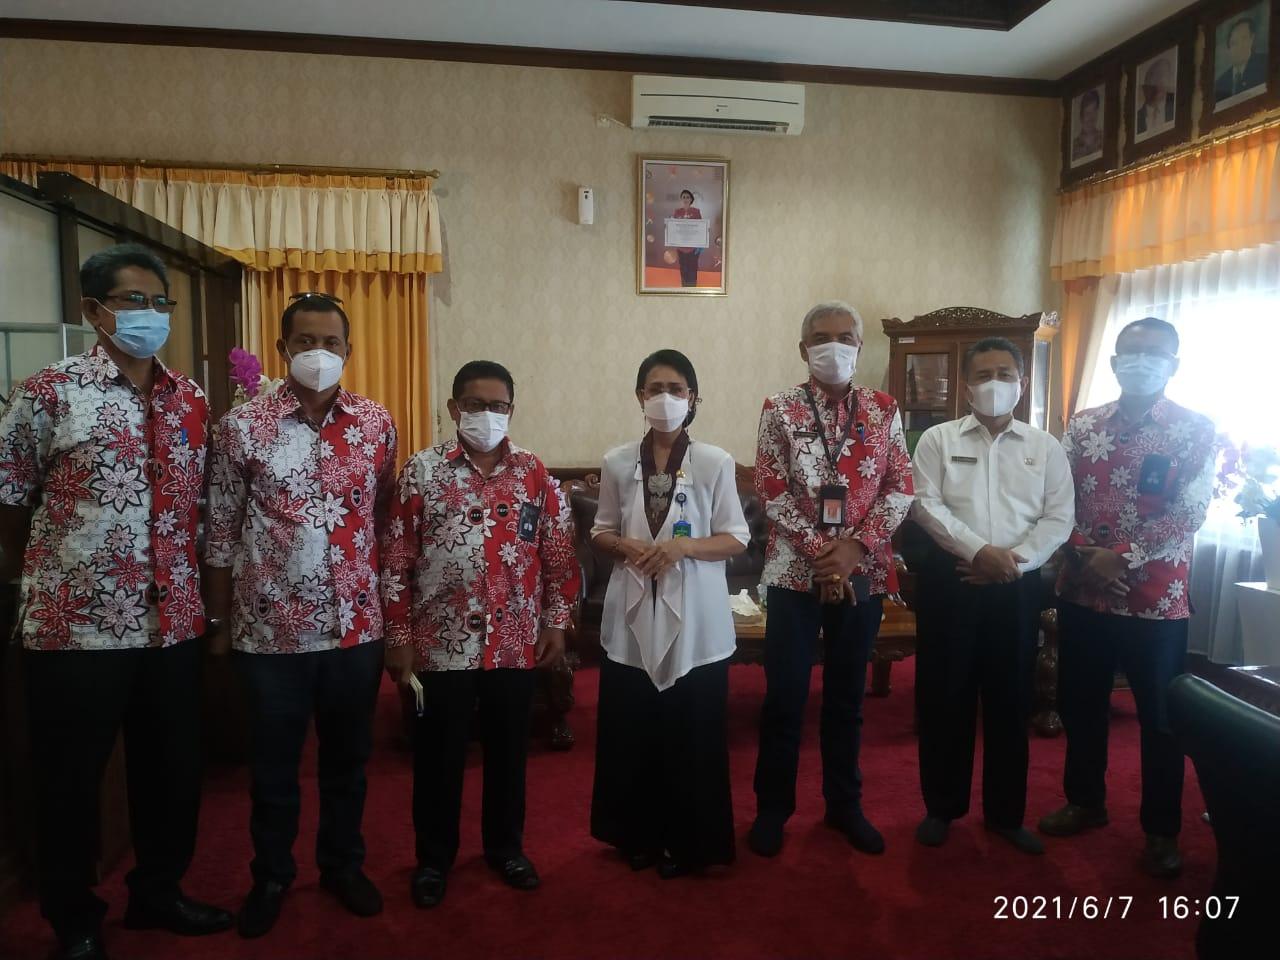 Jajaran pengurus FKPT Bali beraudiensi dengan Kakanwil Depag Bali